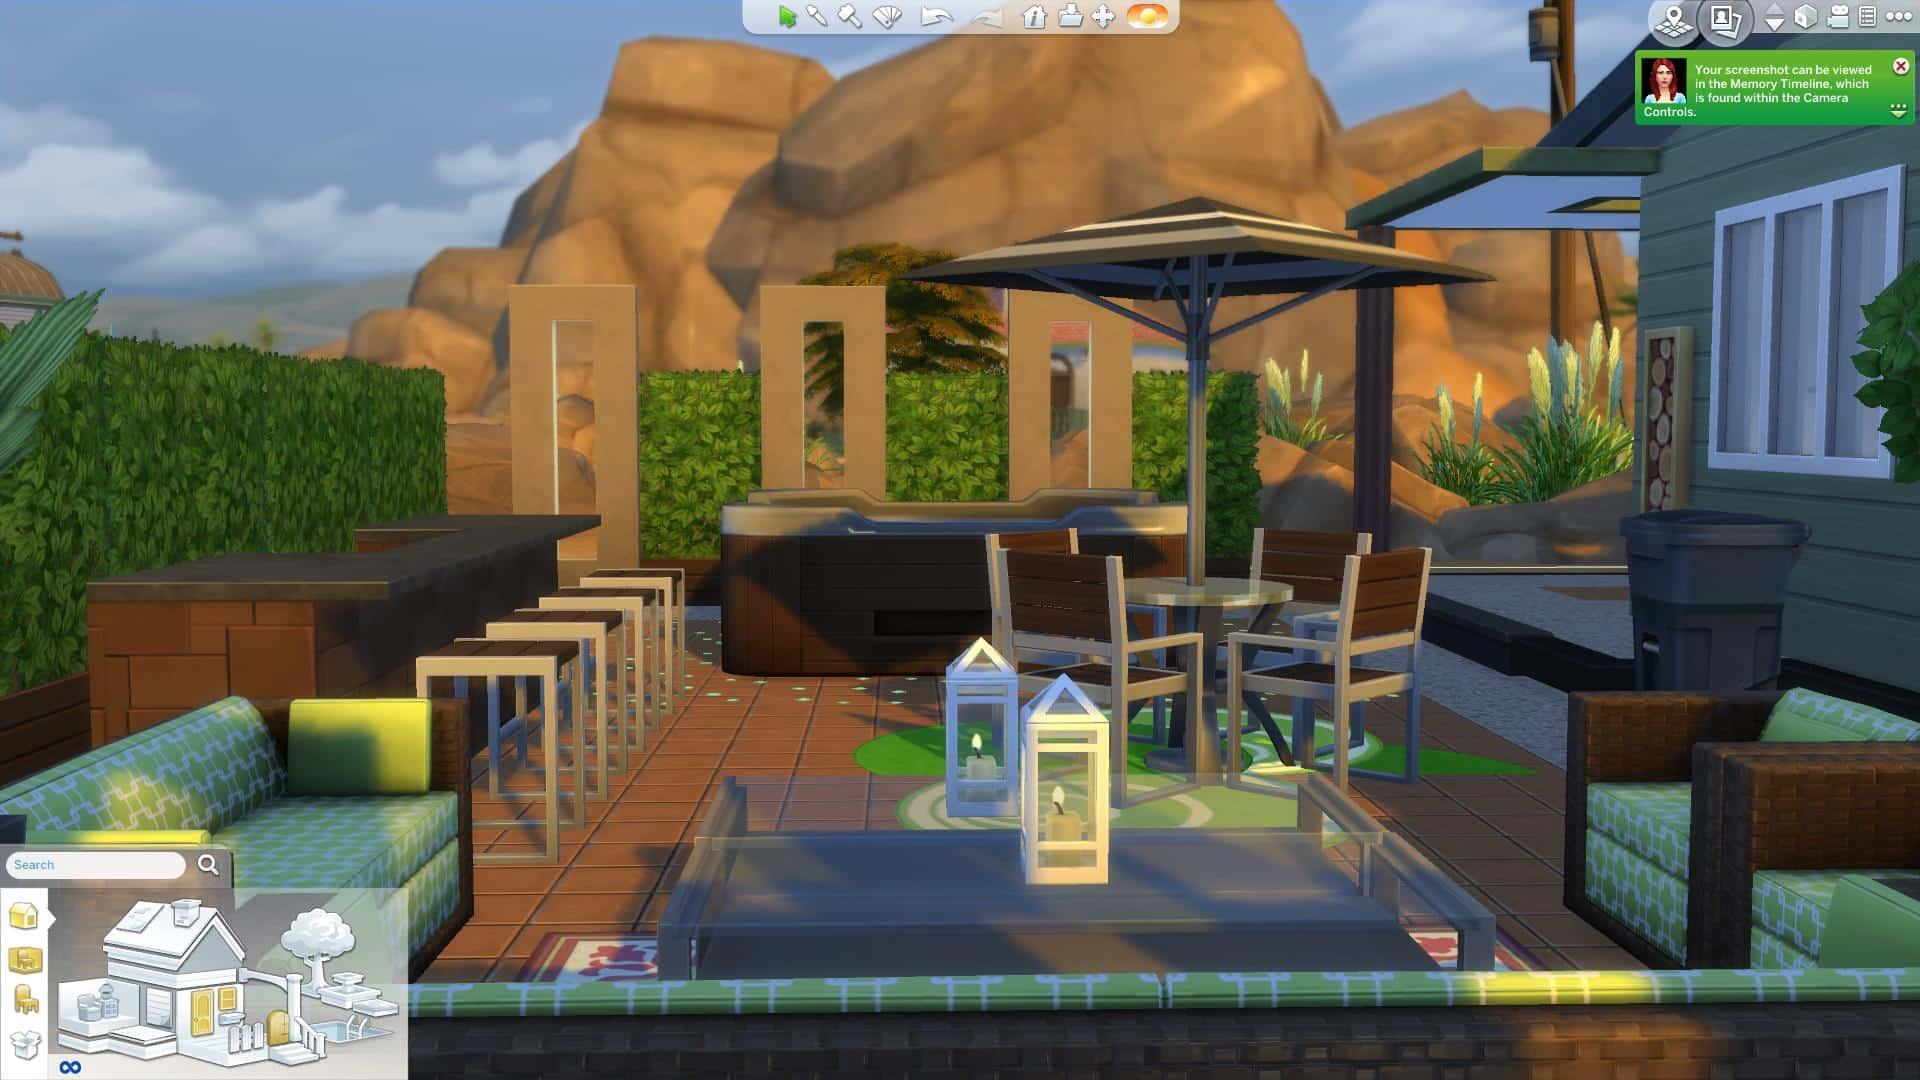 The Sims 4 Design Guide: Patio Decor